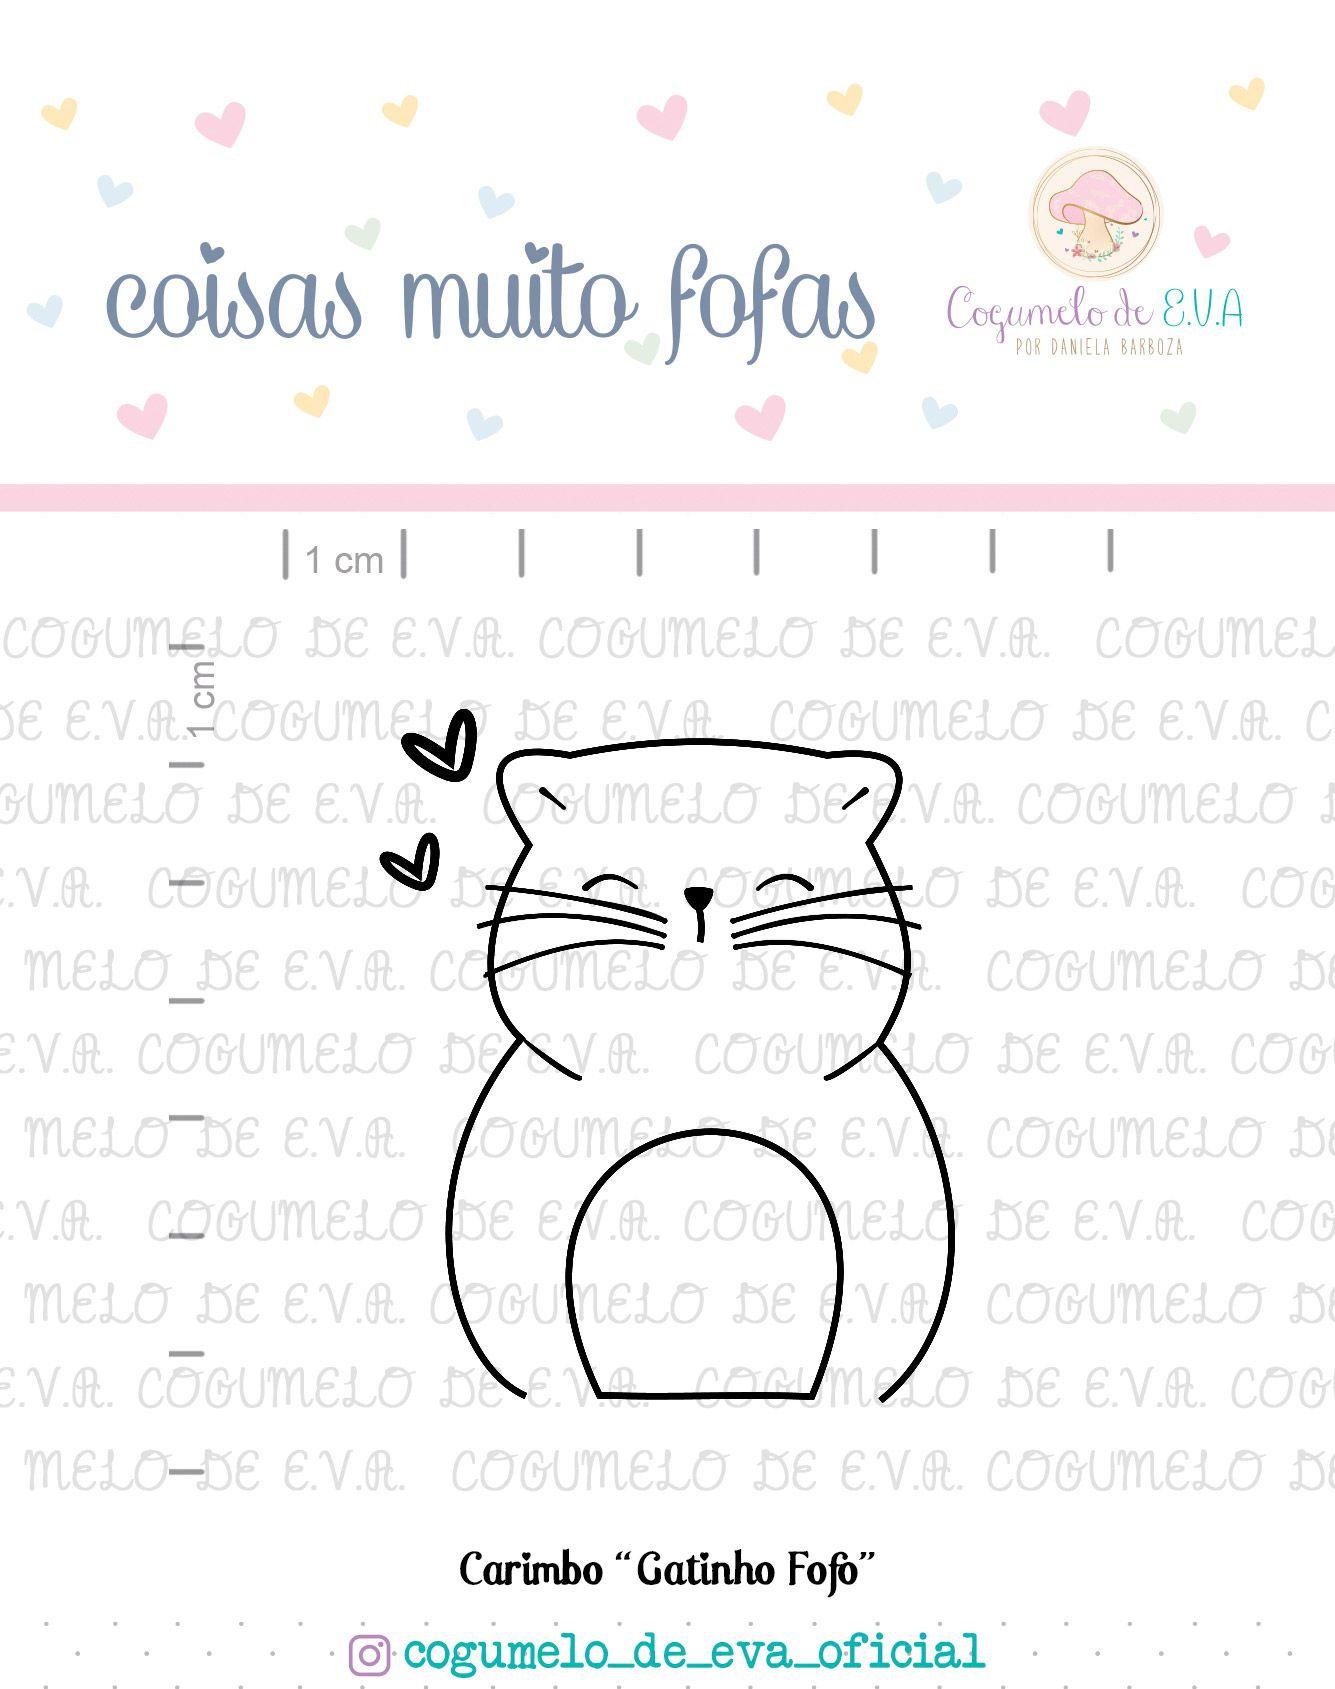 """Cartela de Carimbos G - """"Gatinho Fofo"""" - Cogumelo de E.V.A.  - Lilipop carimbos"""